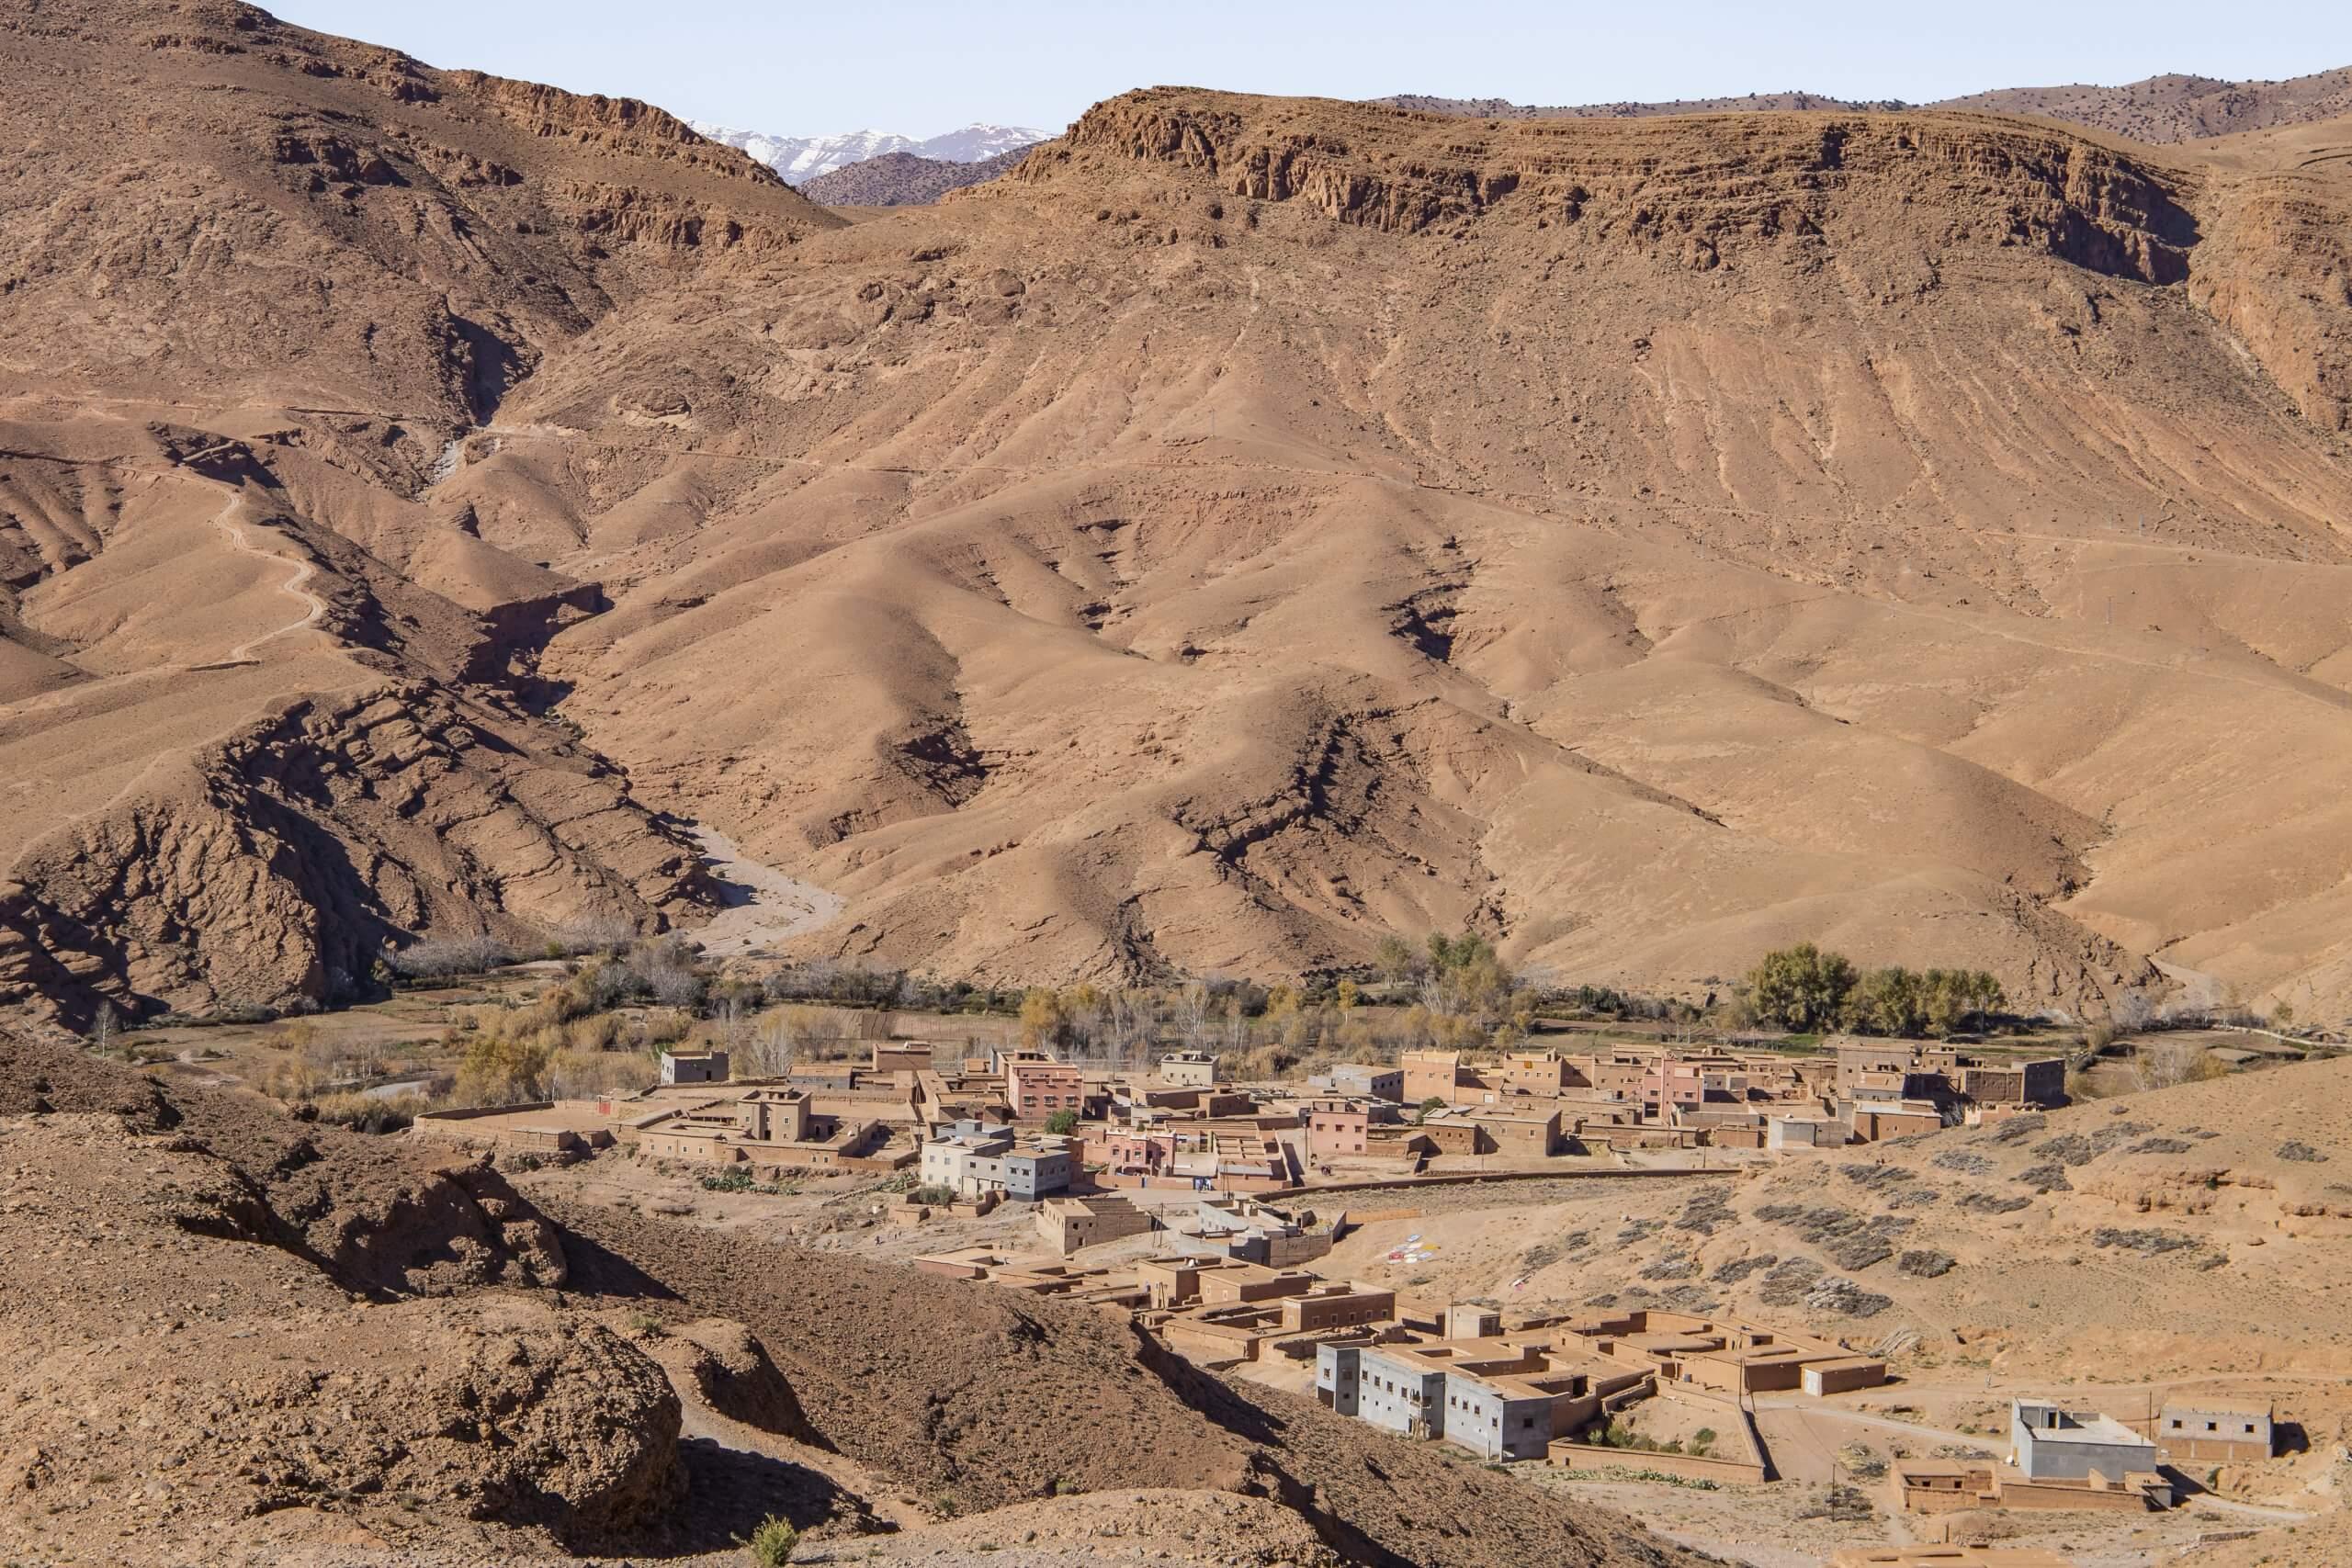 vorbei an kleinen Berberdörfern